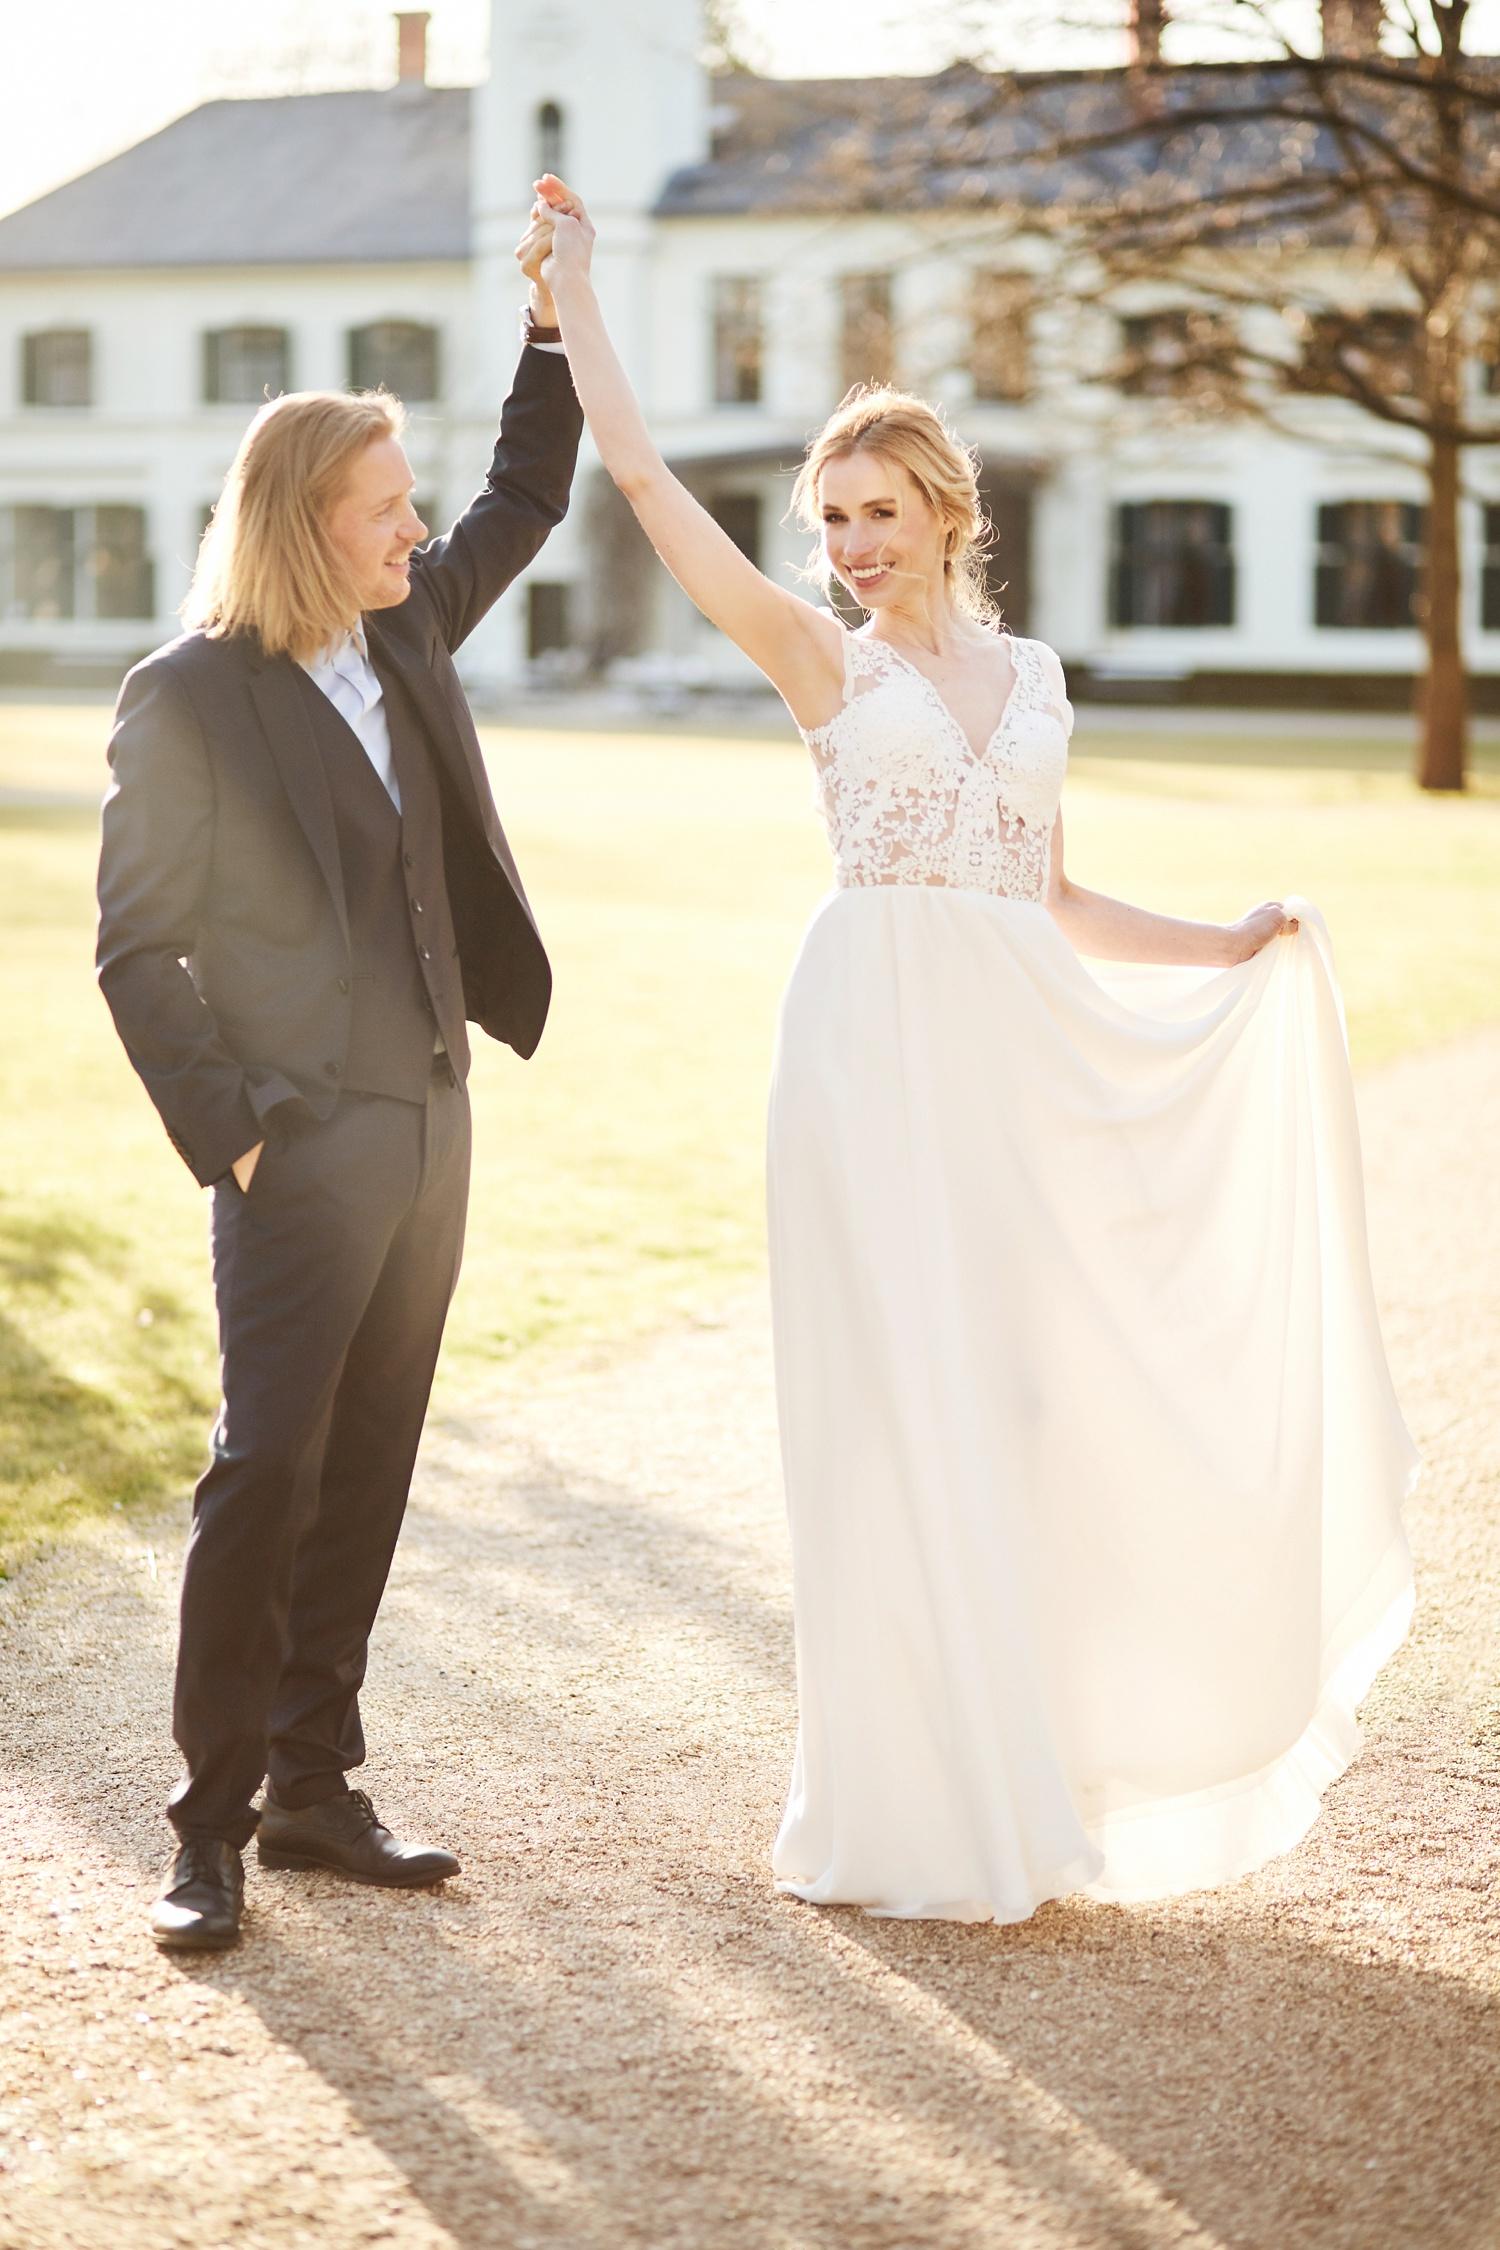 Stefanie Lange Hochzeitsfotografie: Styled Shoot mit Iris & Oliver Schloss Gutshof Britz Berlin 2018